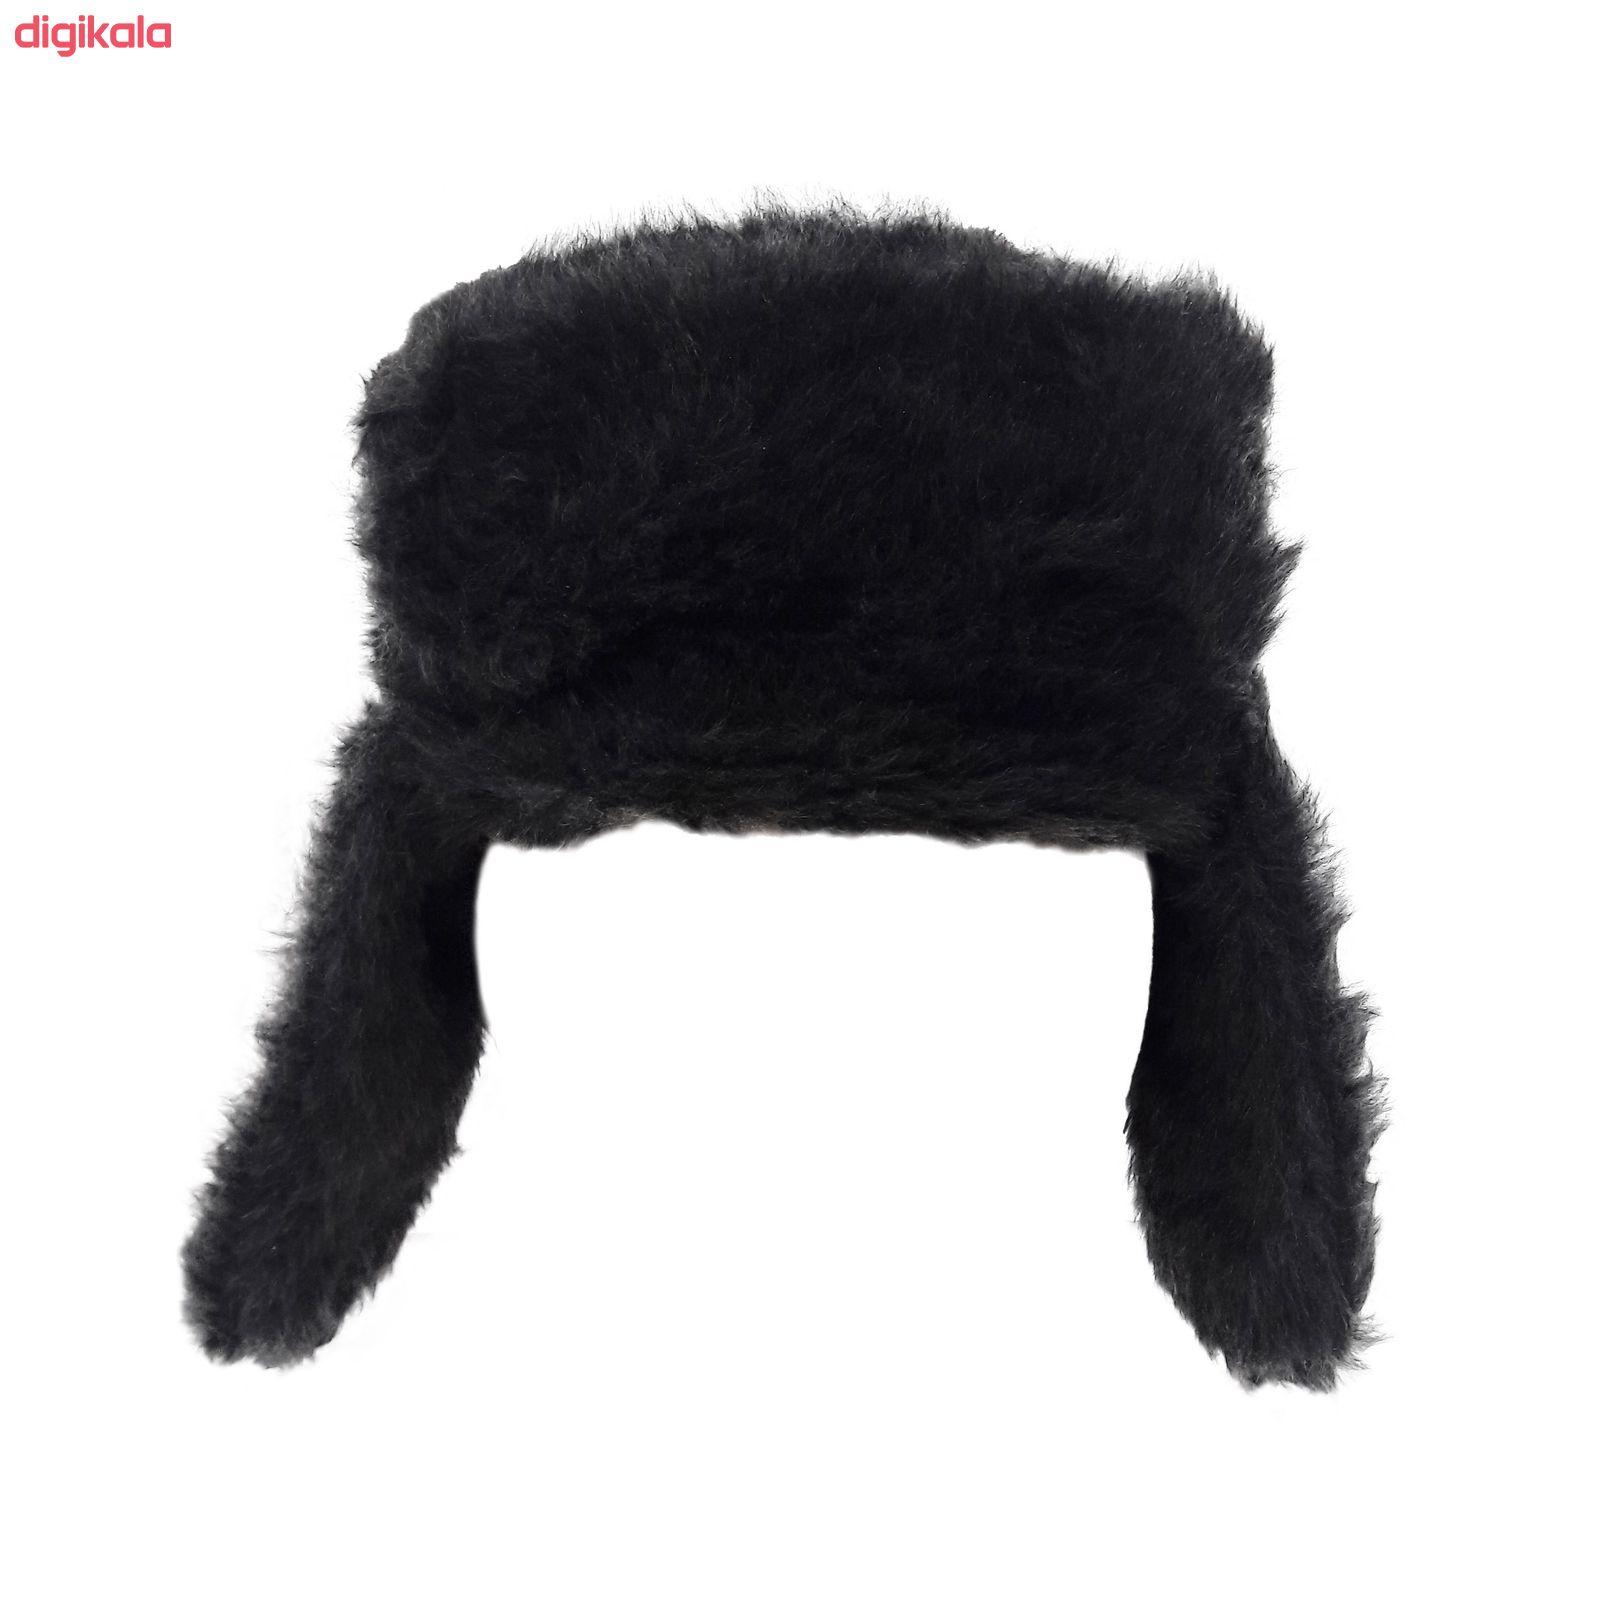 کلاه  مردانه  کد  6870 main 1 2